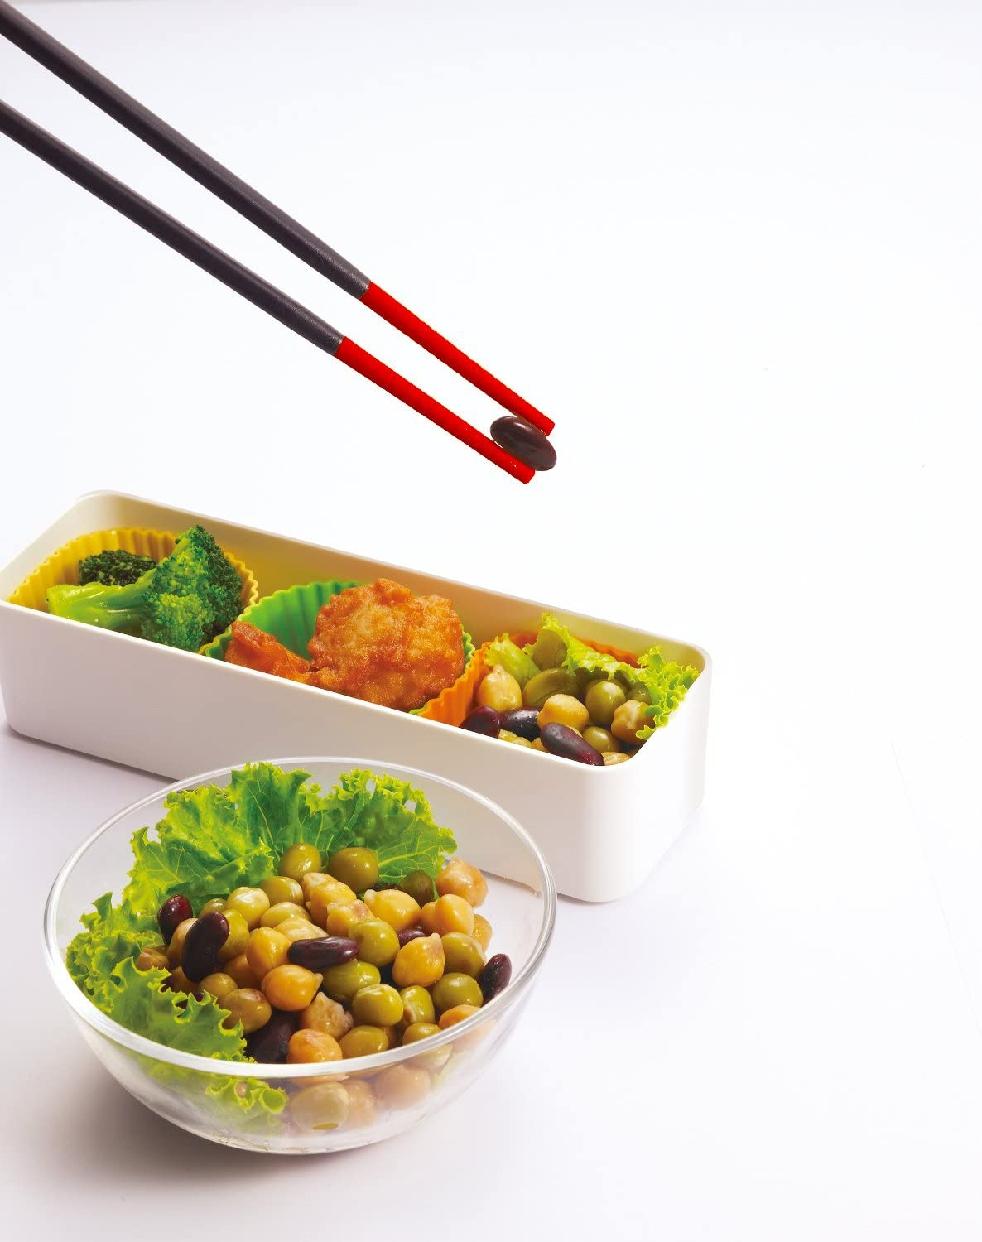 MARNA(マーナ) マーナ すべらずつかめるシリコーン菜ばし K690 レッドの商品画像2